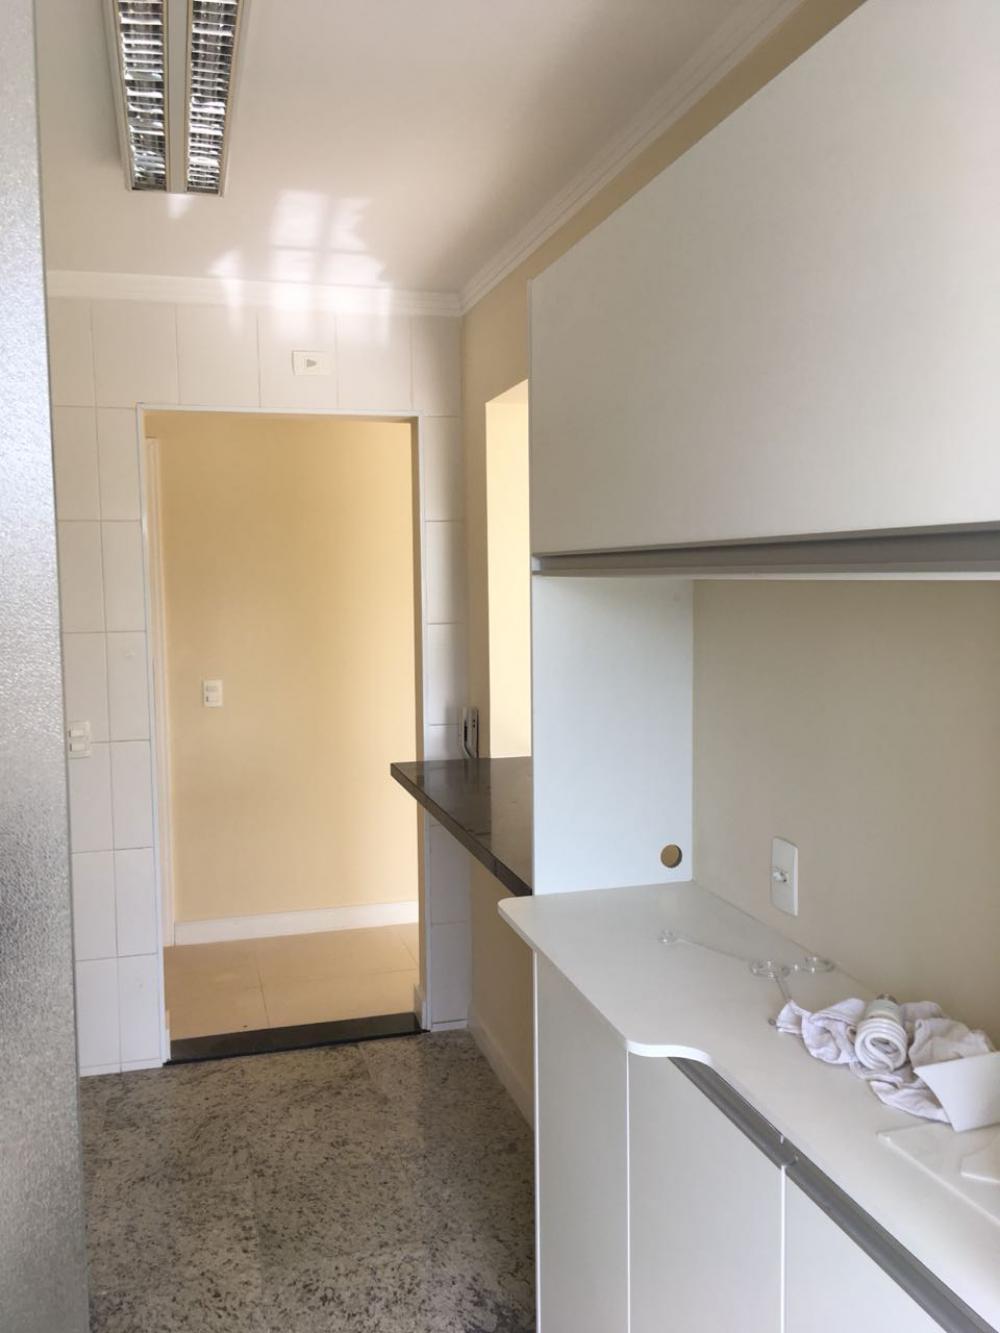 Lindo apartamento em excelente localização na Avenida Dois Corregos. Medindo 70,31 m² de área útil, com sala ampla para 2 ambientes, 3 dormitórios com armários embutidos sendo 01 suíte, banheiro social e suíte com gabinete e box em vidro, cozinha planejada e área de serviço com armários.  02 Vagas de garagem cobertas. a. Condomínio oferece espaço gourmet com churrasqueira, salão de festas, brinquedoteca, piscina e portaria 24h. Aceita financiamento e FGTS.